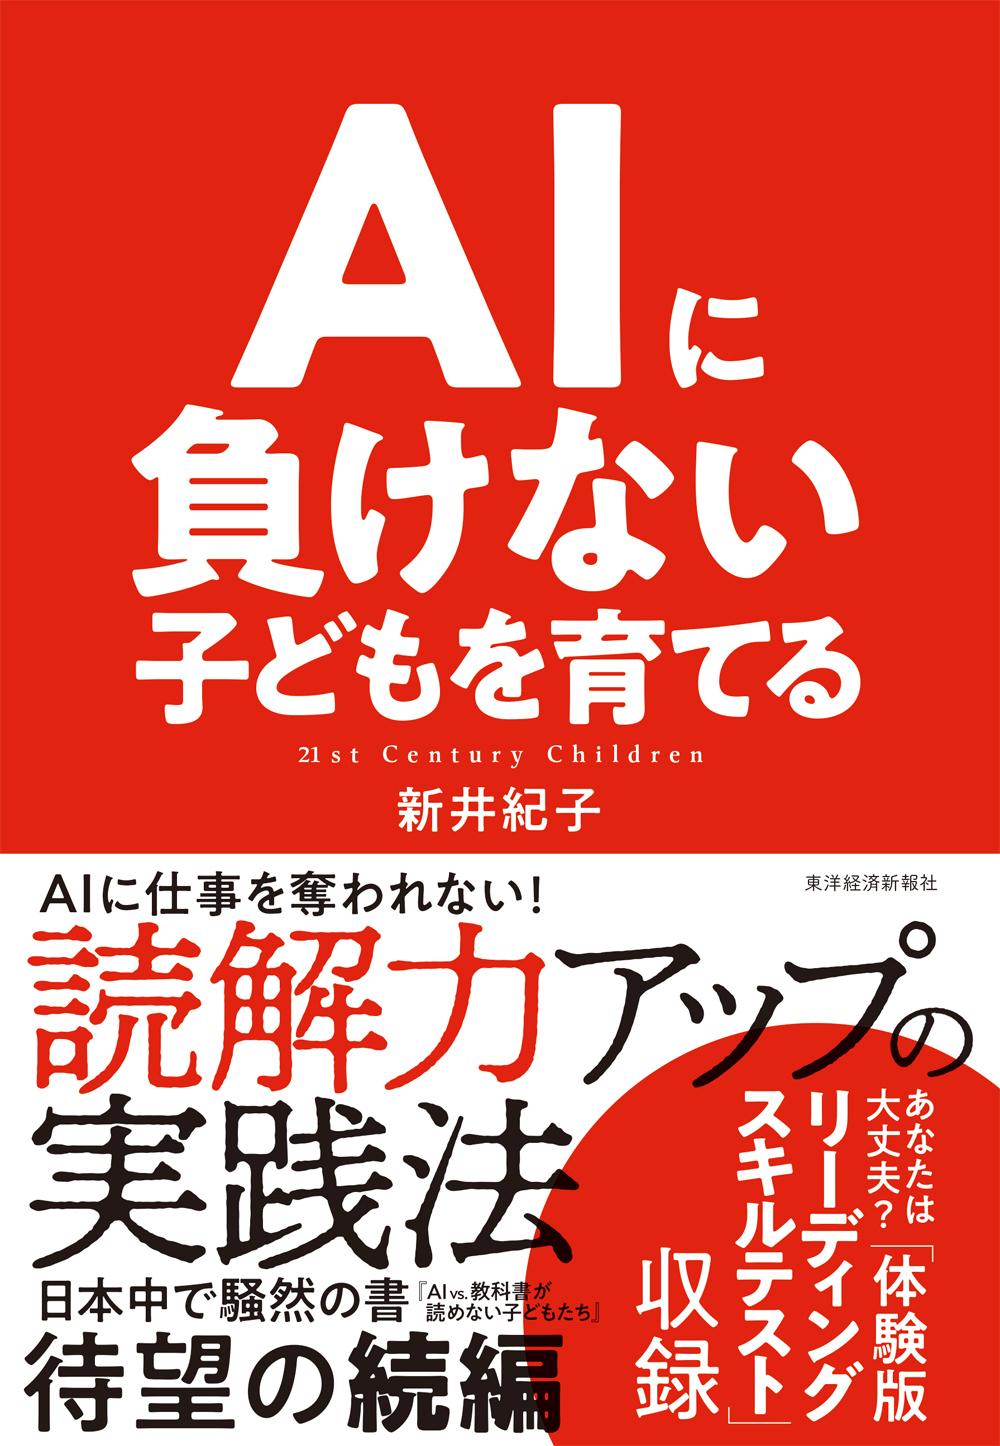 「AIに負けない子どもを育てる」(新井紀子著・東洋経済新報社)